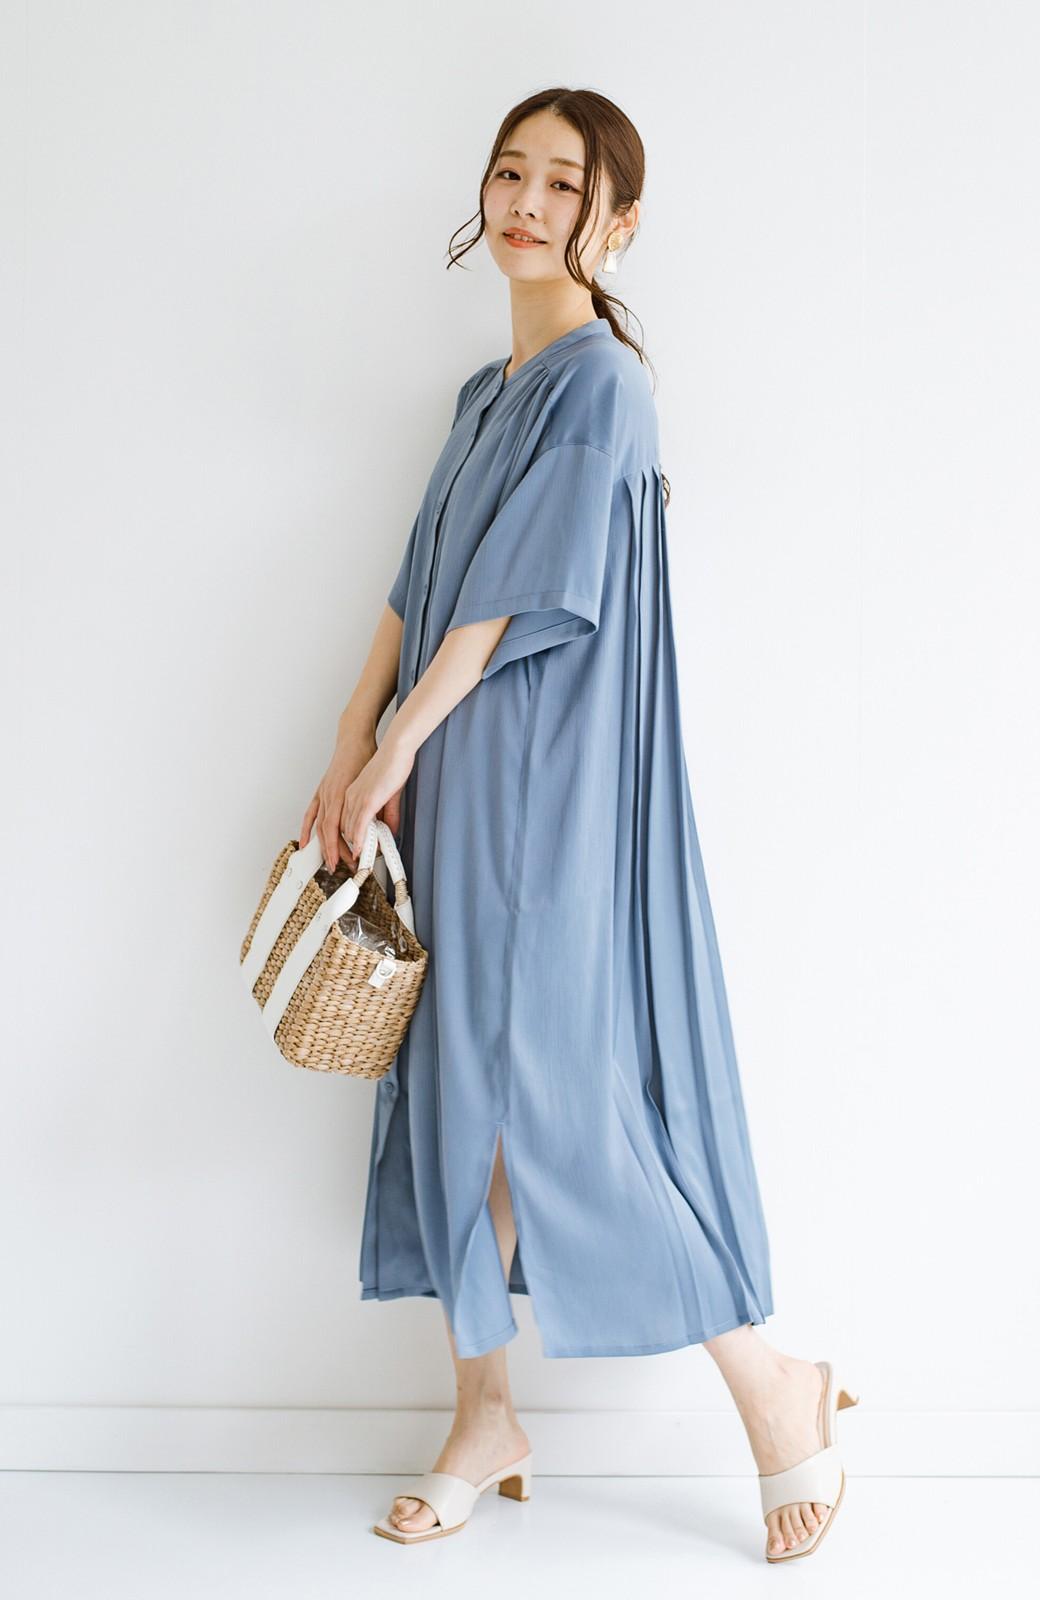 haco! 羽織としてもワンピースとしても着られちゃう 後ろ姿まで抜かりなくかわいいプリーツワンピース <ブルー>の商品写真1